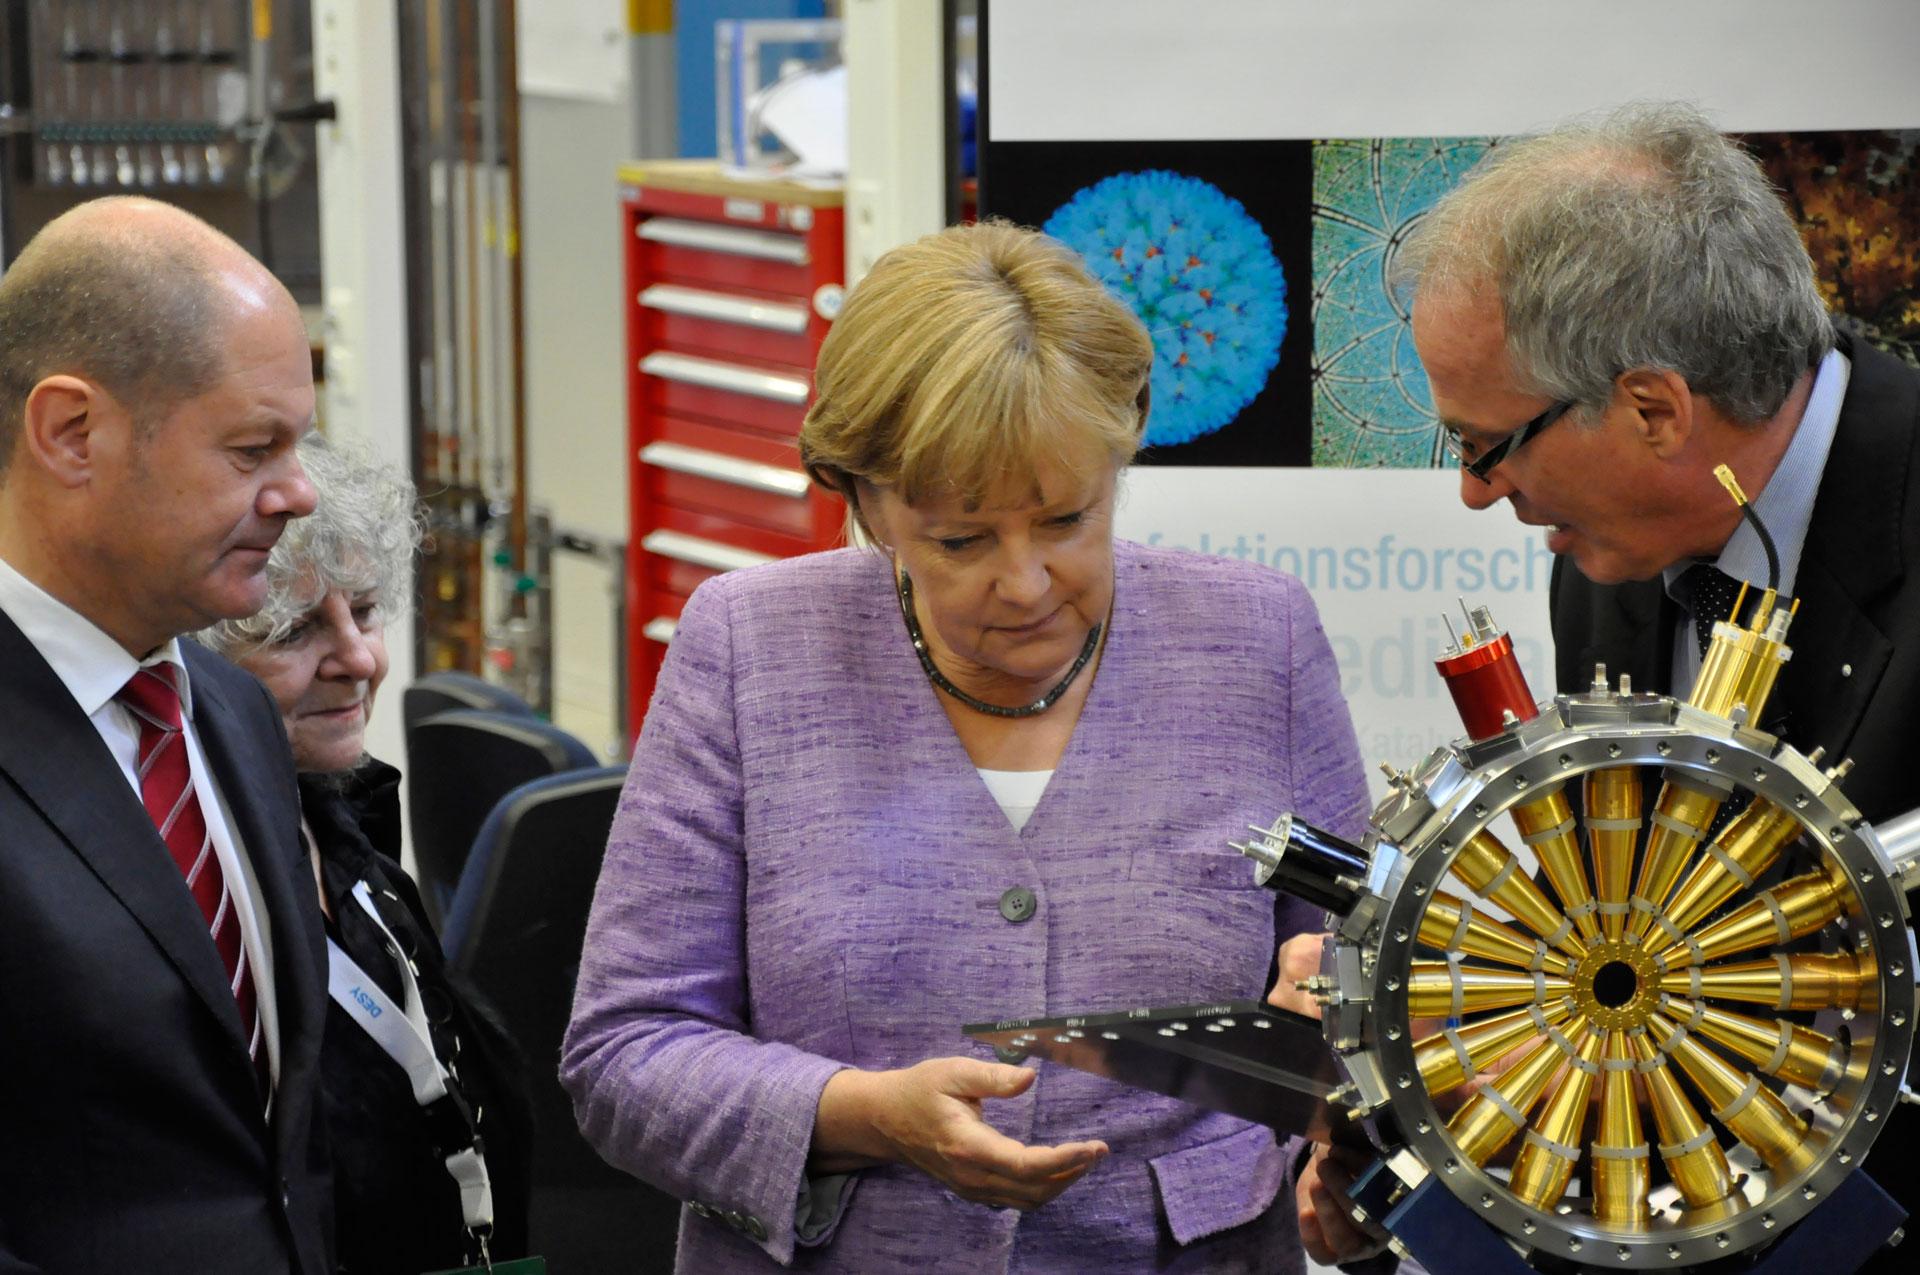 Giám đốc Trung tâm Máy gia tốc DESY Helmut Dosch giải thích về một thiết bị được sử dụng trong nghiên cứu về phóng xạ với Thủ tướng Đức Angela Merkel. Nguồn: Bundeskanzlerin